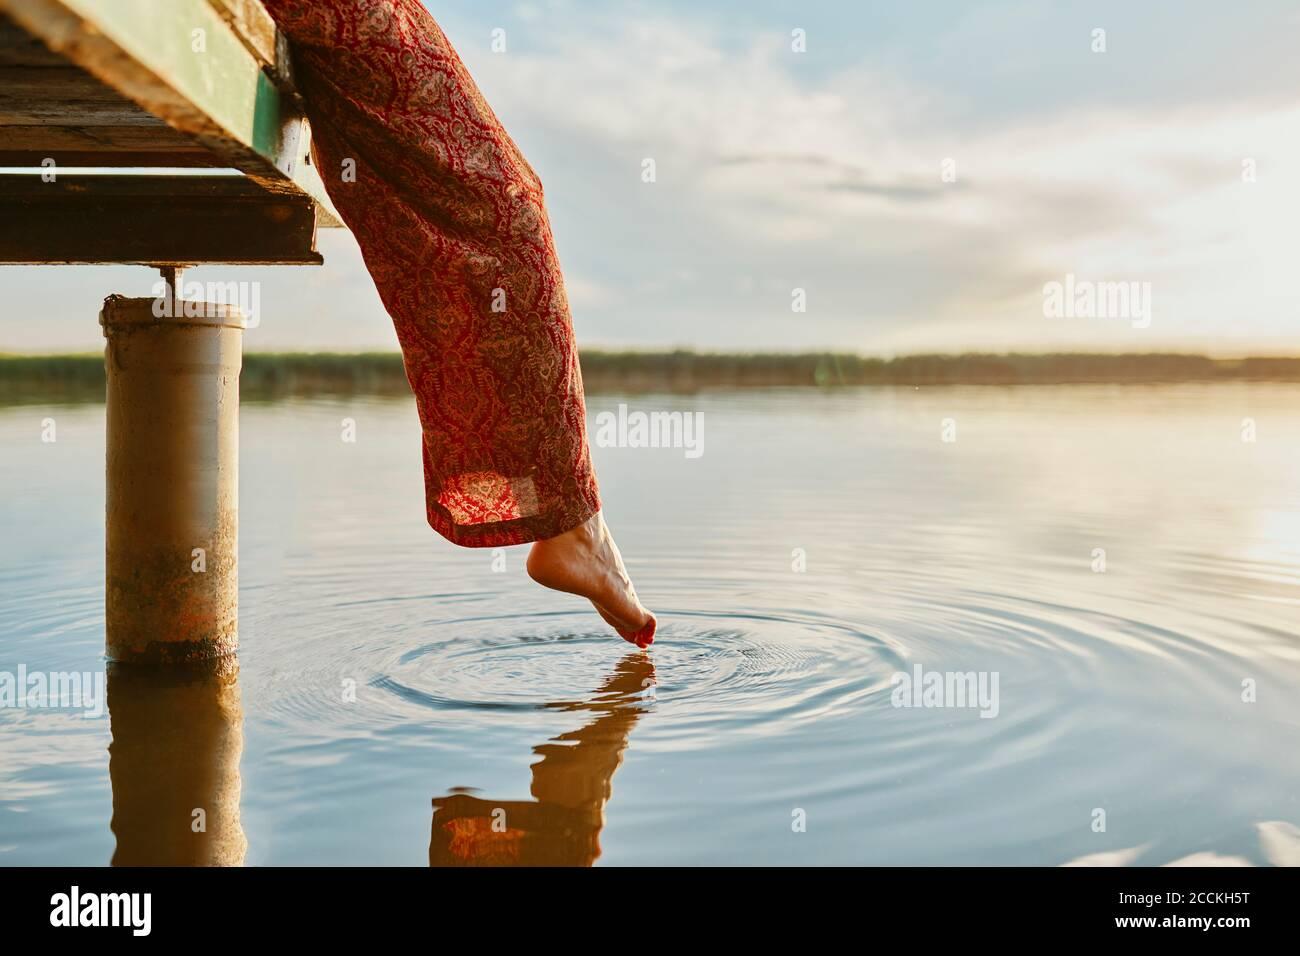 Mujer sentada en el embarcadero en un lago al atardecer tocando el agua con su pie Foto de stock